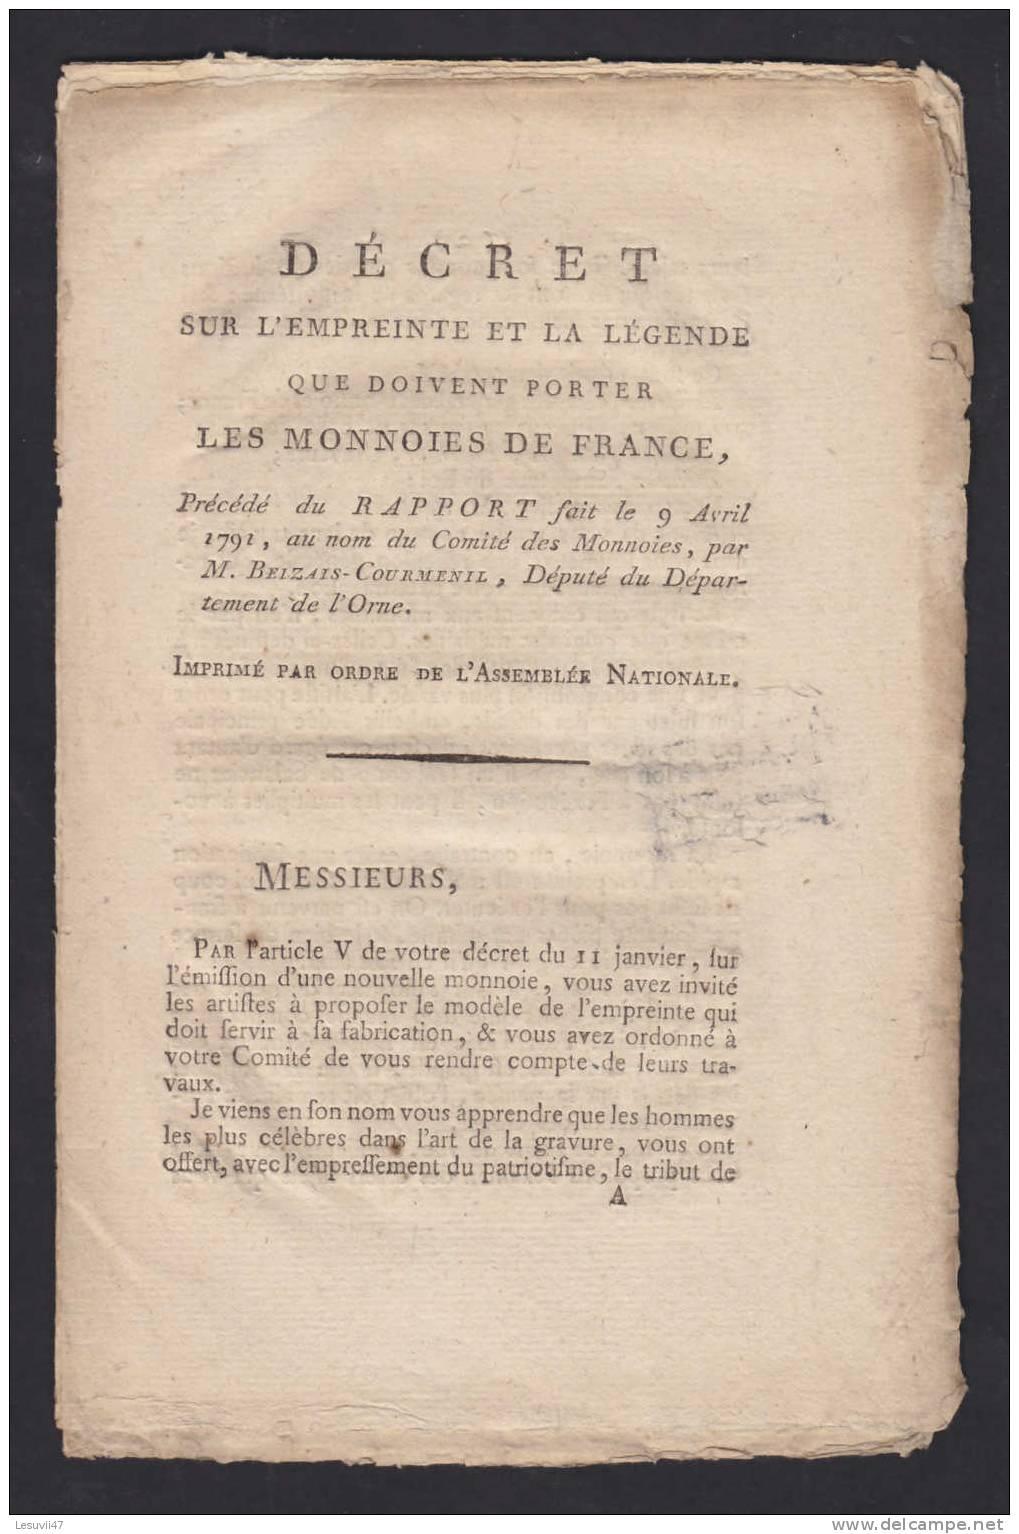 """Décret Sur L´empreinte Et La Légende Que Doivent Porter """" Les Monnoies De France """", 9 Avril 1791. - Livres & Logiciels"""